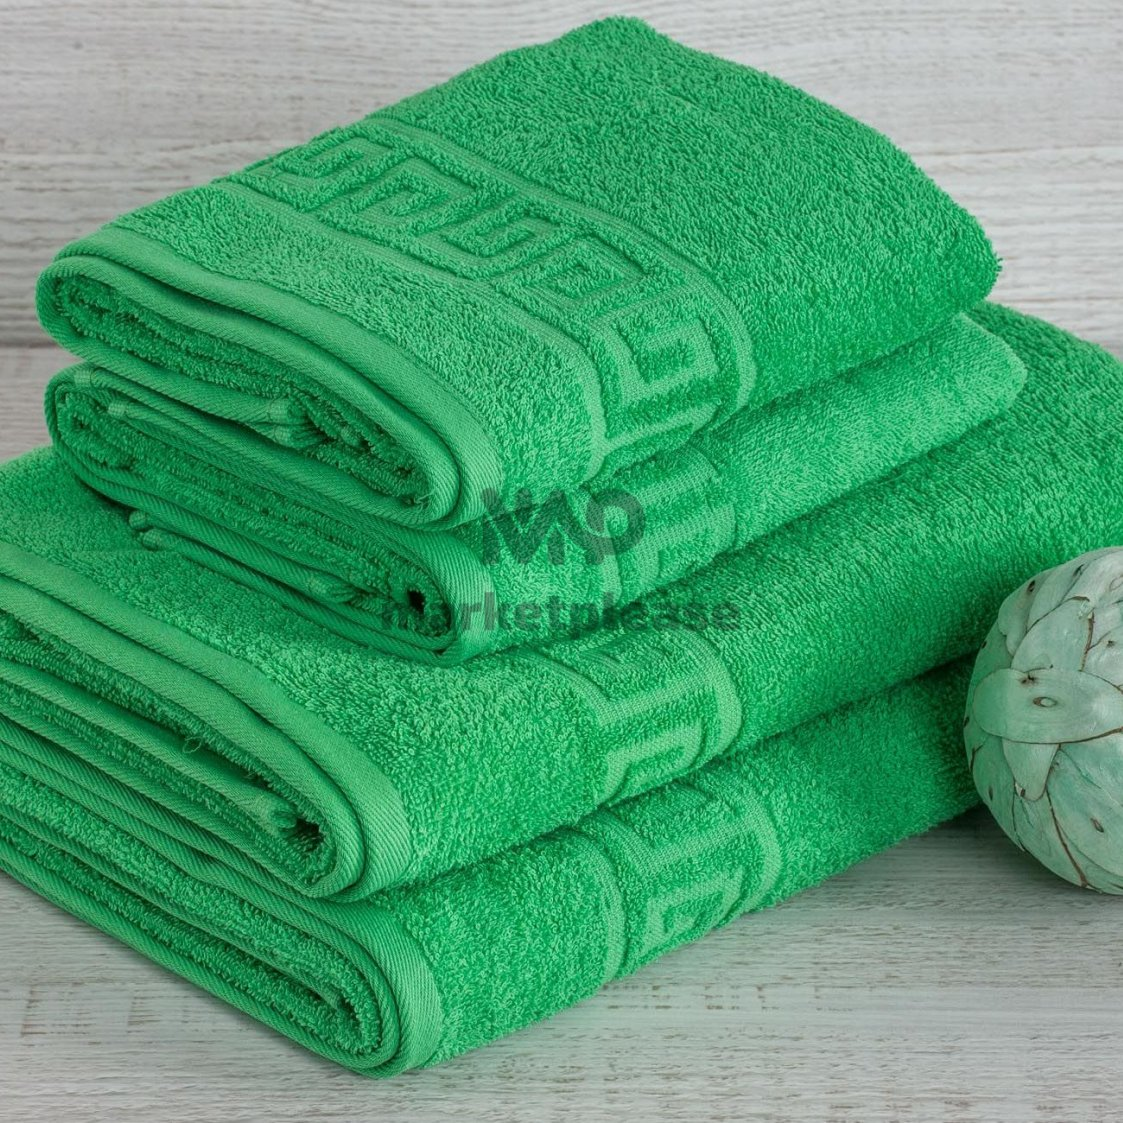 Полотенце махровое греческое зеленое